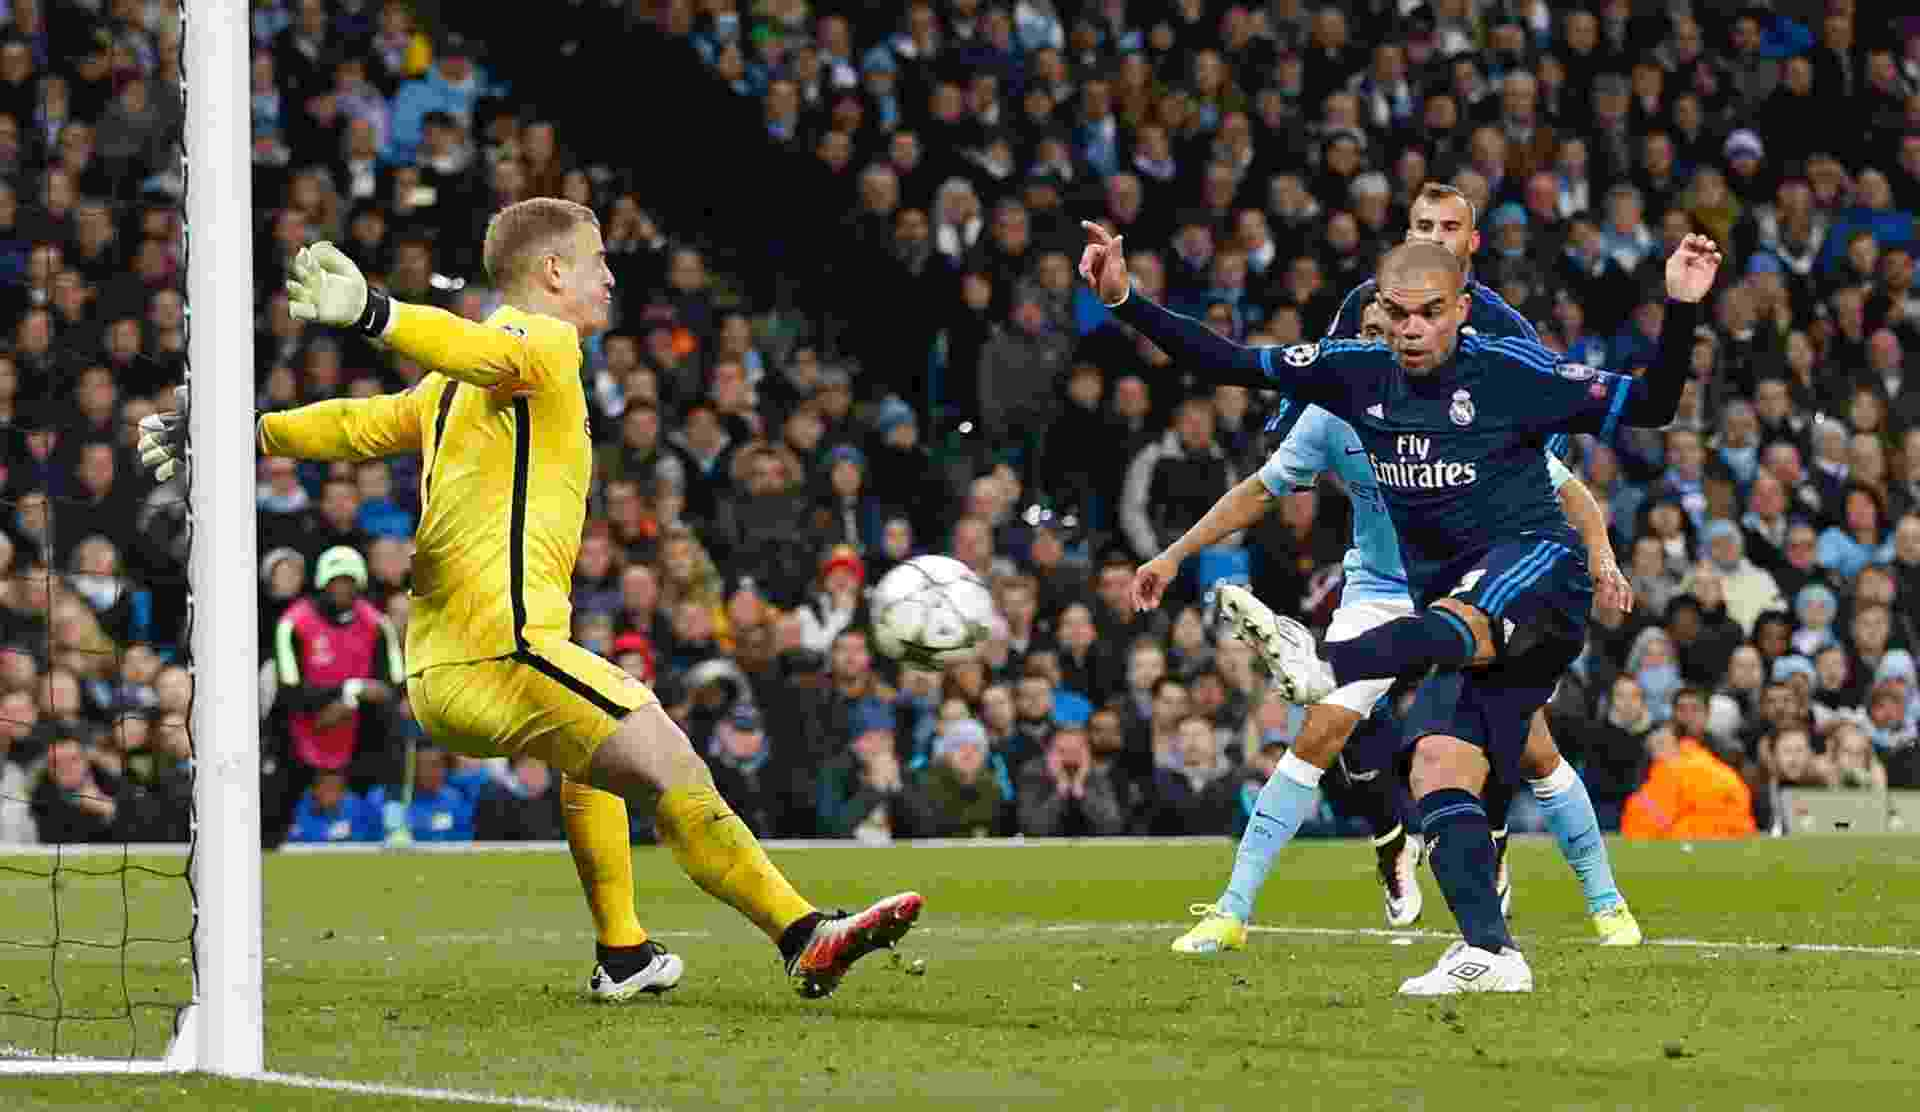 Joe Hart faz brilhante defesa em finalização de Pepe e impede o que poderia ter sido o gol da vitória do Real Madrid sobre o Manchester City - Phil Noble/Reuters